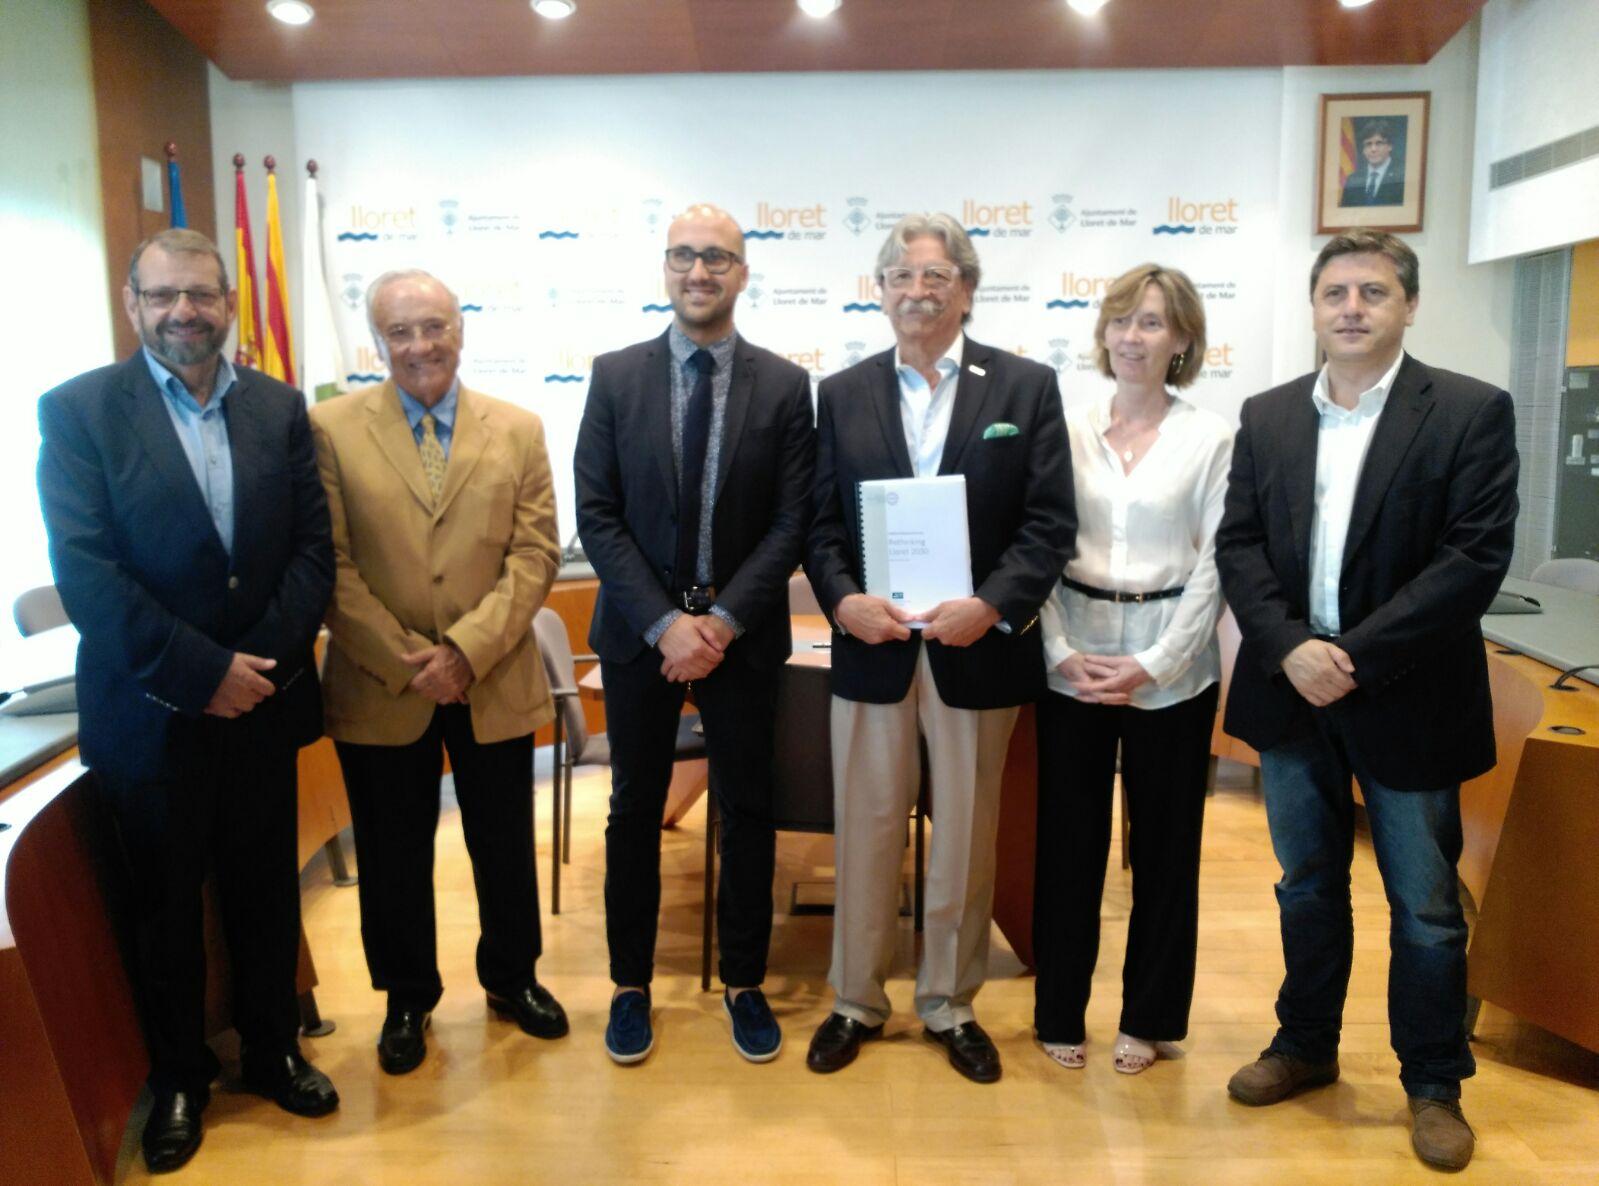 Presentació de les conclusions del Seminari Internacional d'Urbanisme de Lloret de Mar